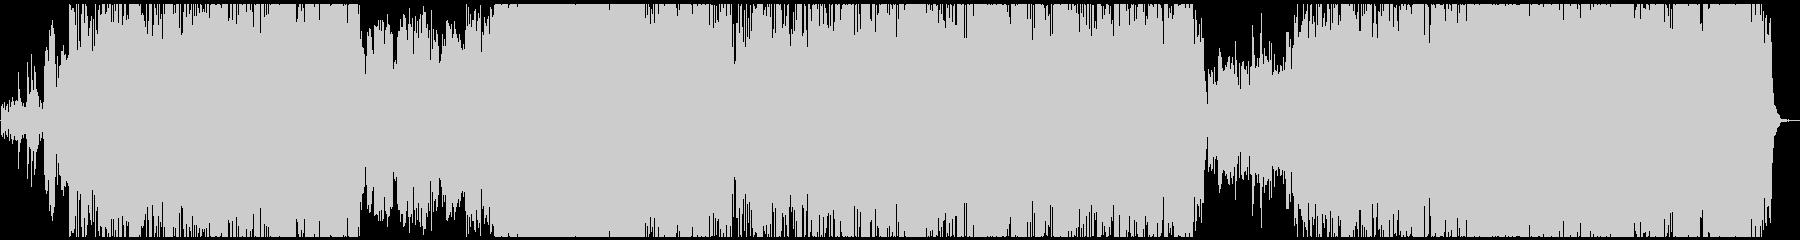 ORCHESTRA曲です。の未再生の波形